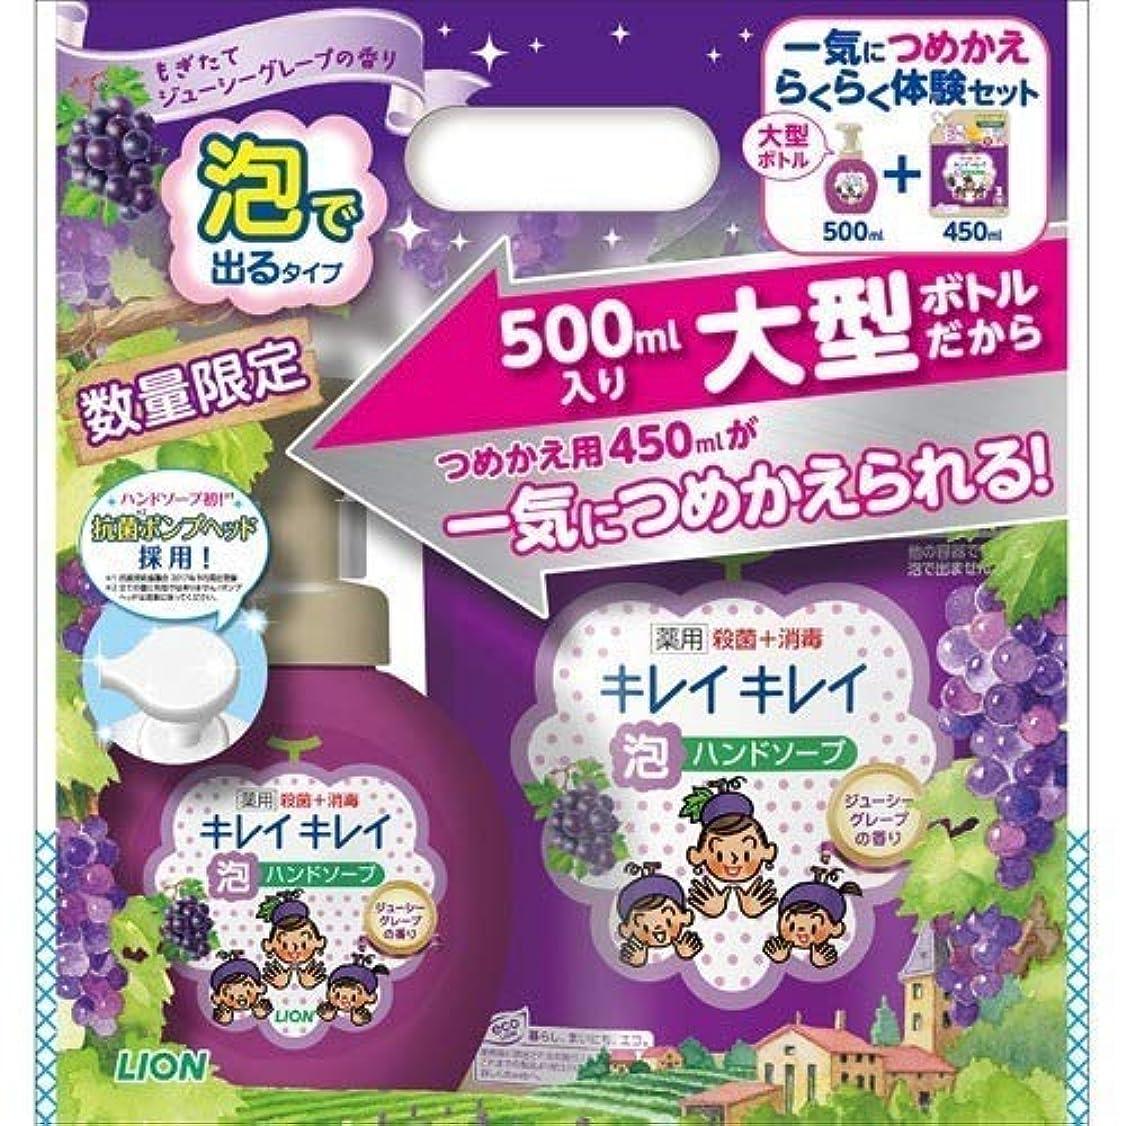 銛バターズボンキレイキレイ 薬用泡ハンドソープ ジューシーグレープ 本体+つめ替えセット 500g+450g